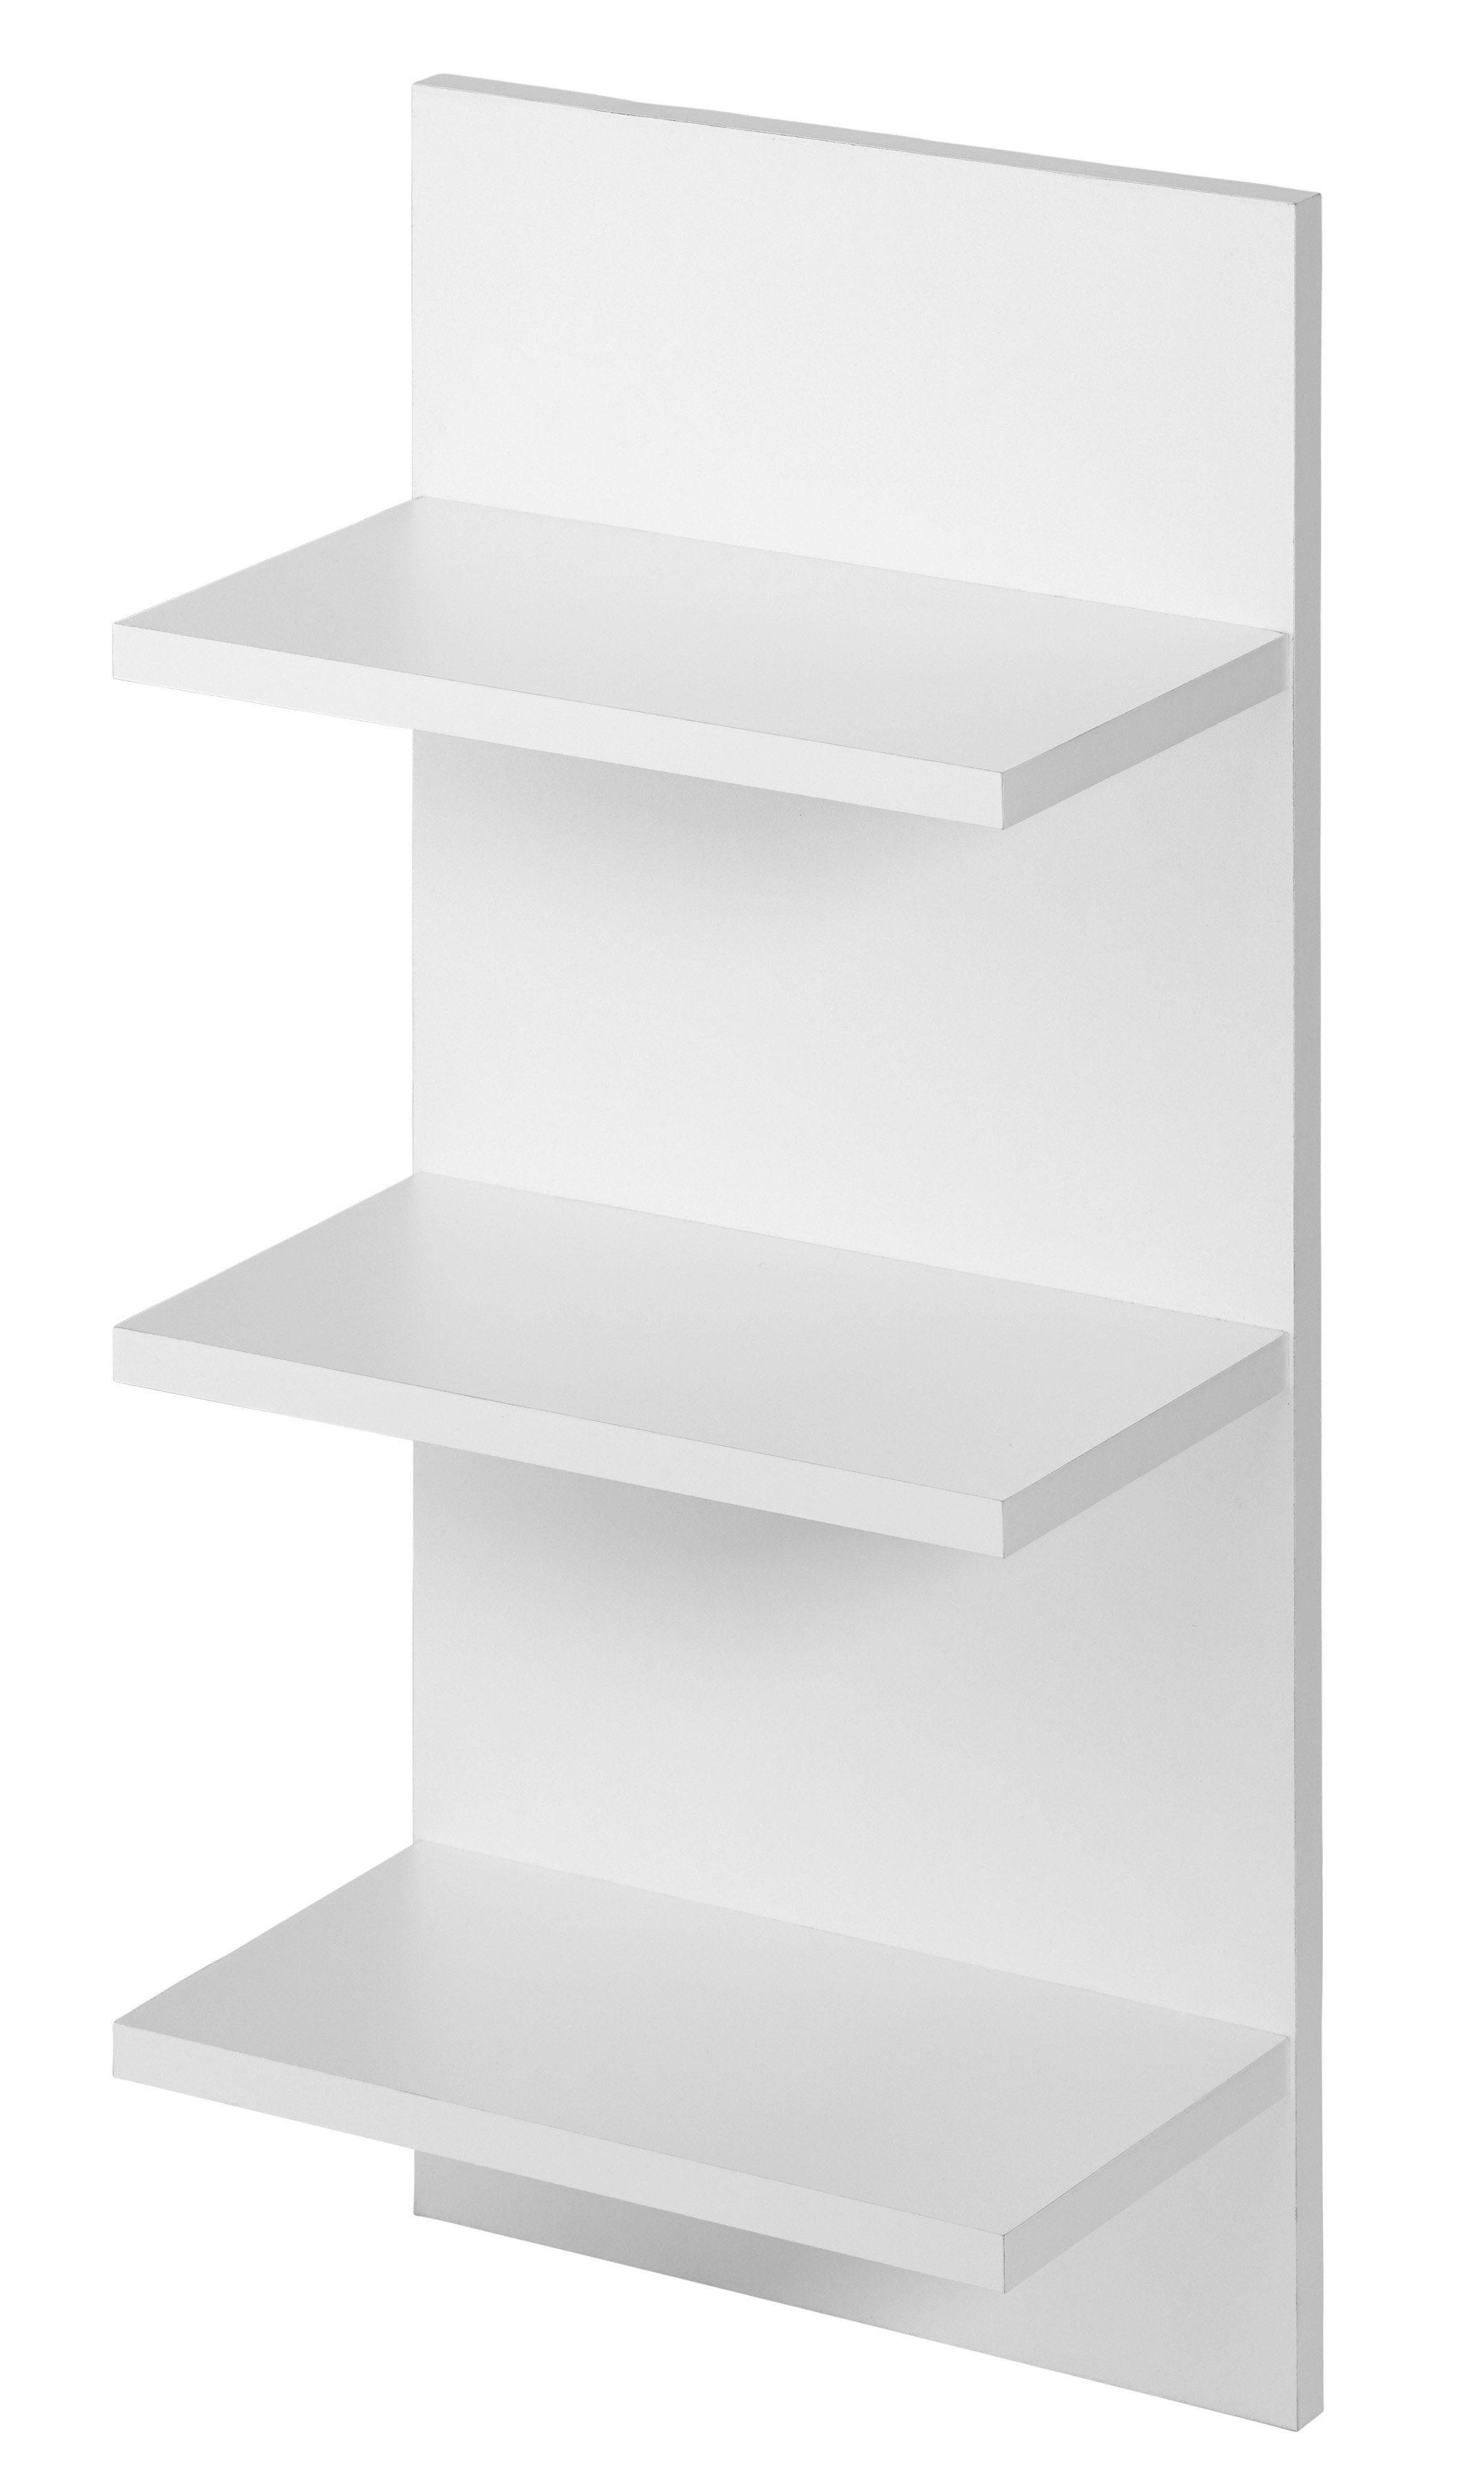 Held Möbel Regal »Jaca«, Breite 30 cm